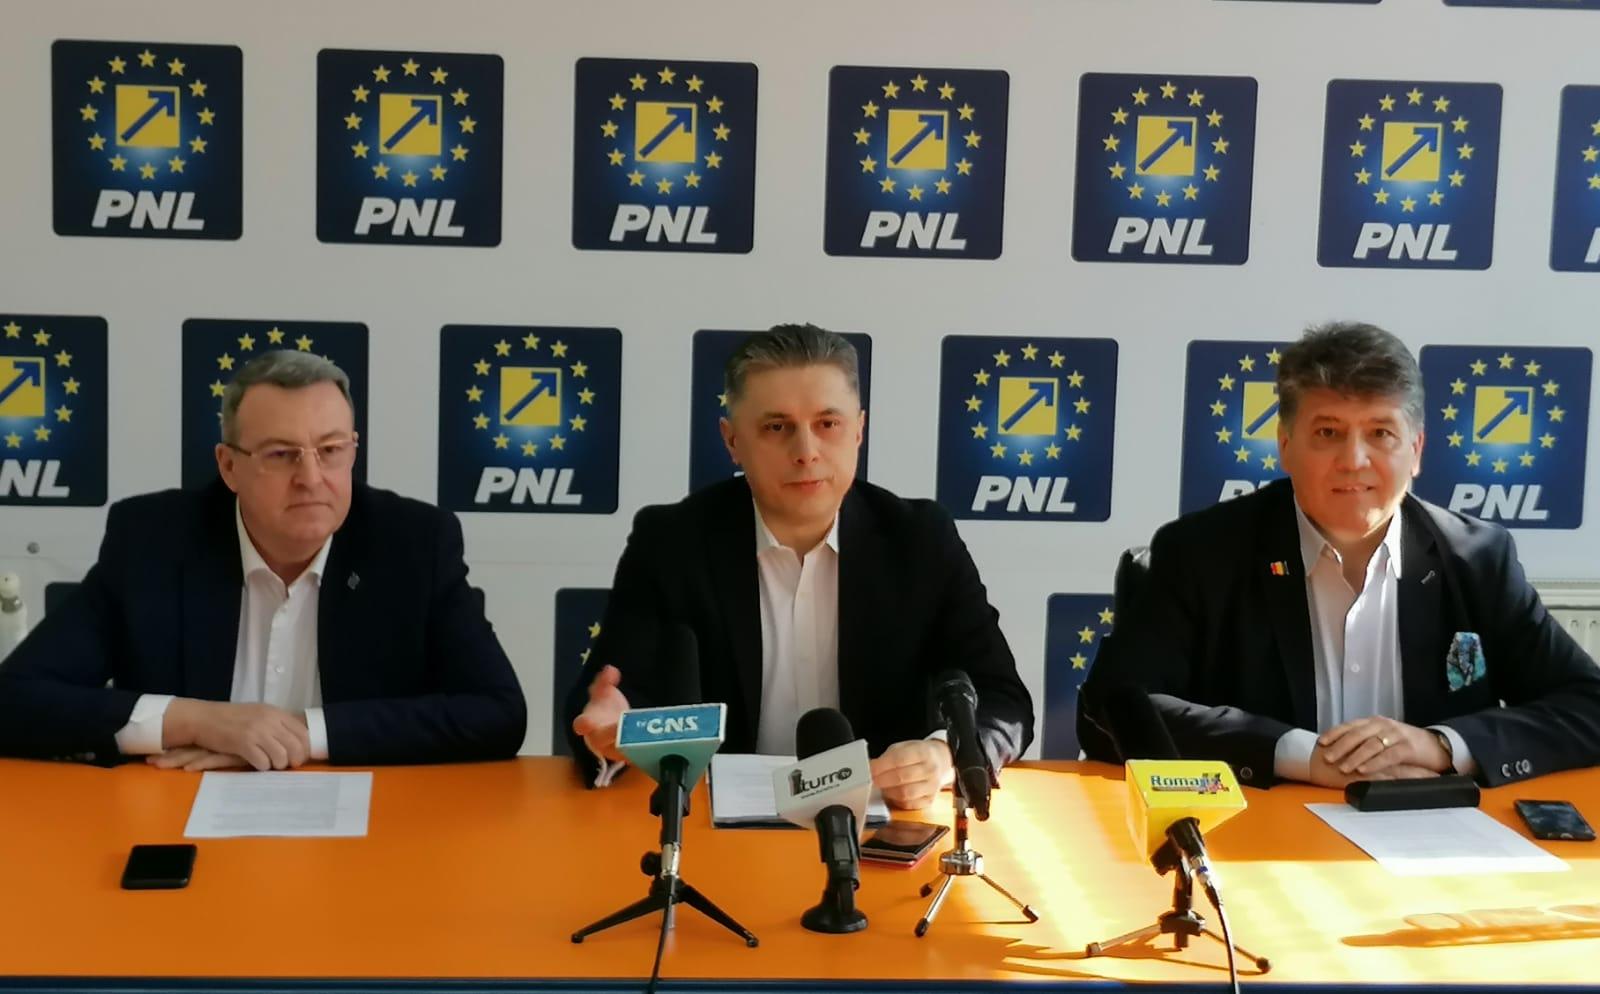 """Președintele PNL Neamț Mugur Cozmanciuc: """"PSD s-a opus alegerii primarilor în două tururi! PNL susține ideea alegerilor anticipate, pentru a ne întoarce cât mai repede la electorat!"""""""